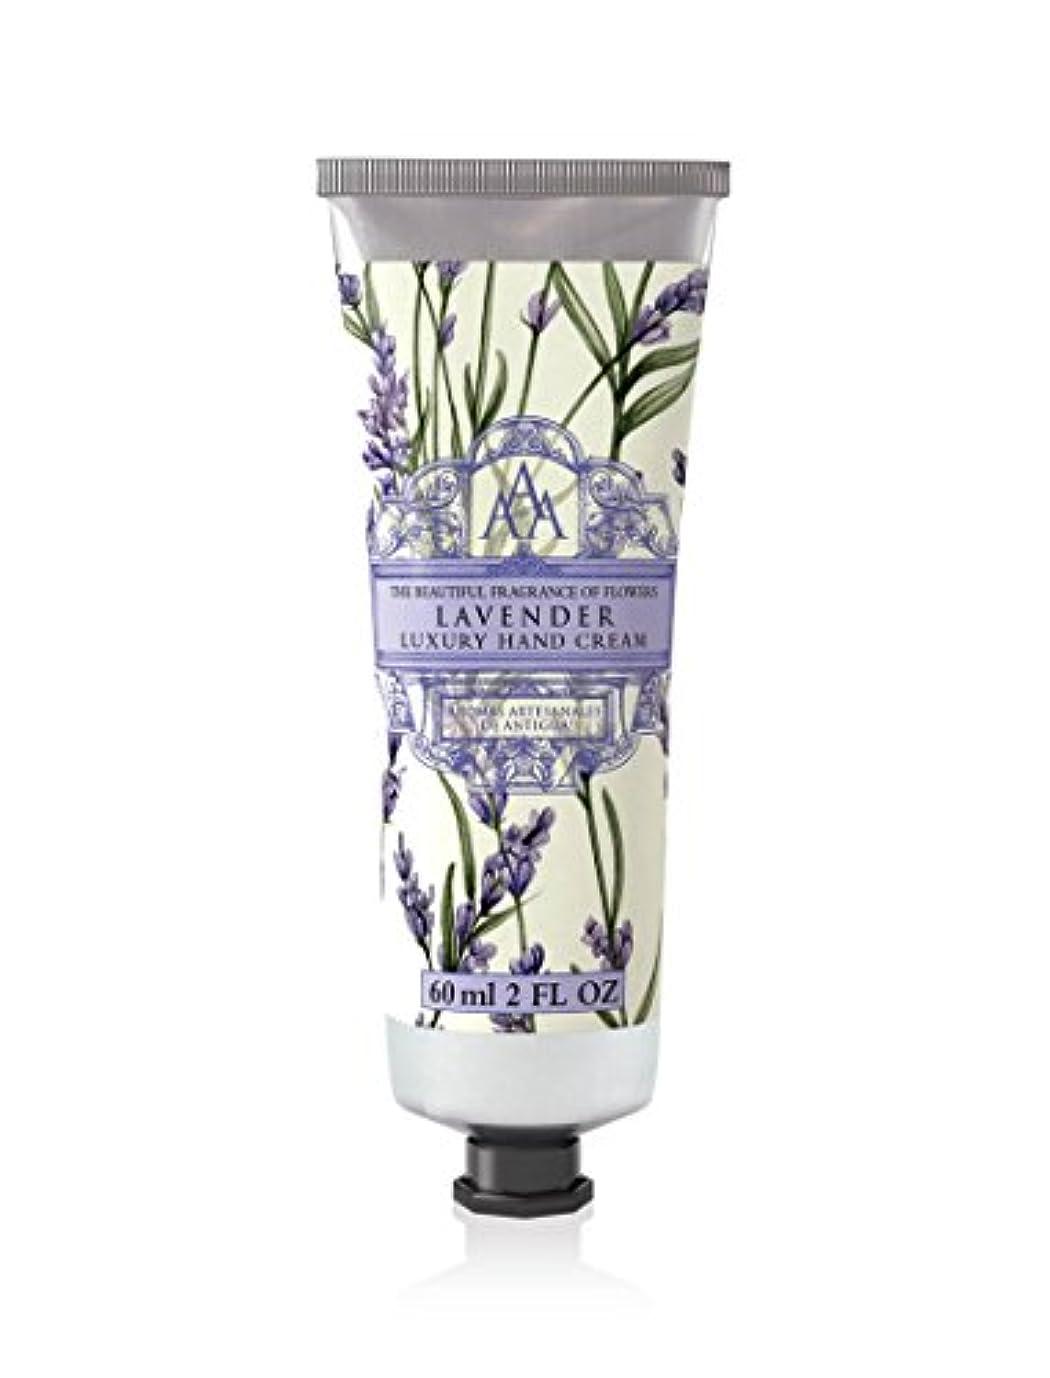 バブルヘロイン医療過誤Luxuey Hand Cream クルトンヒルファーム ハンドクリーム ラベンダーの香り